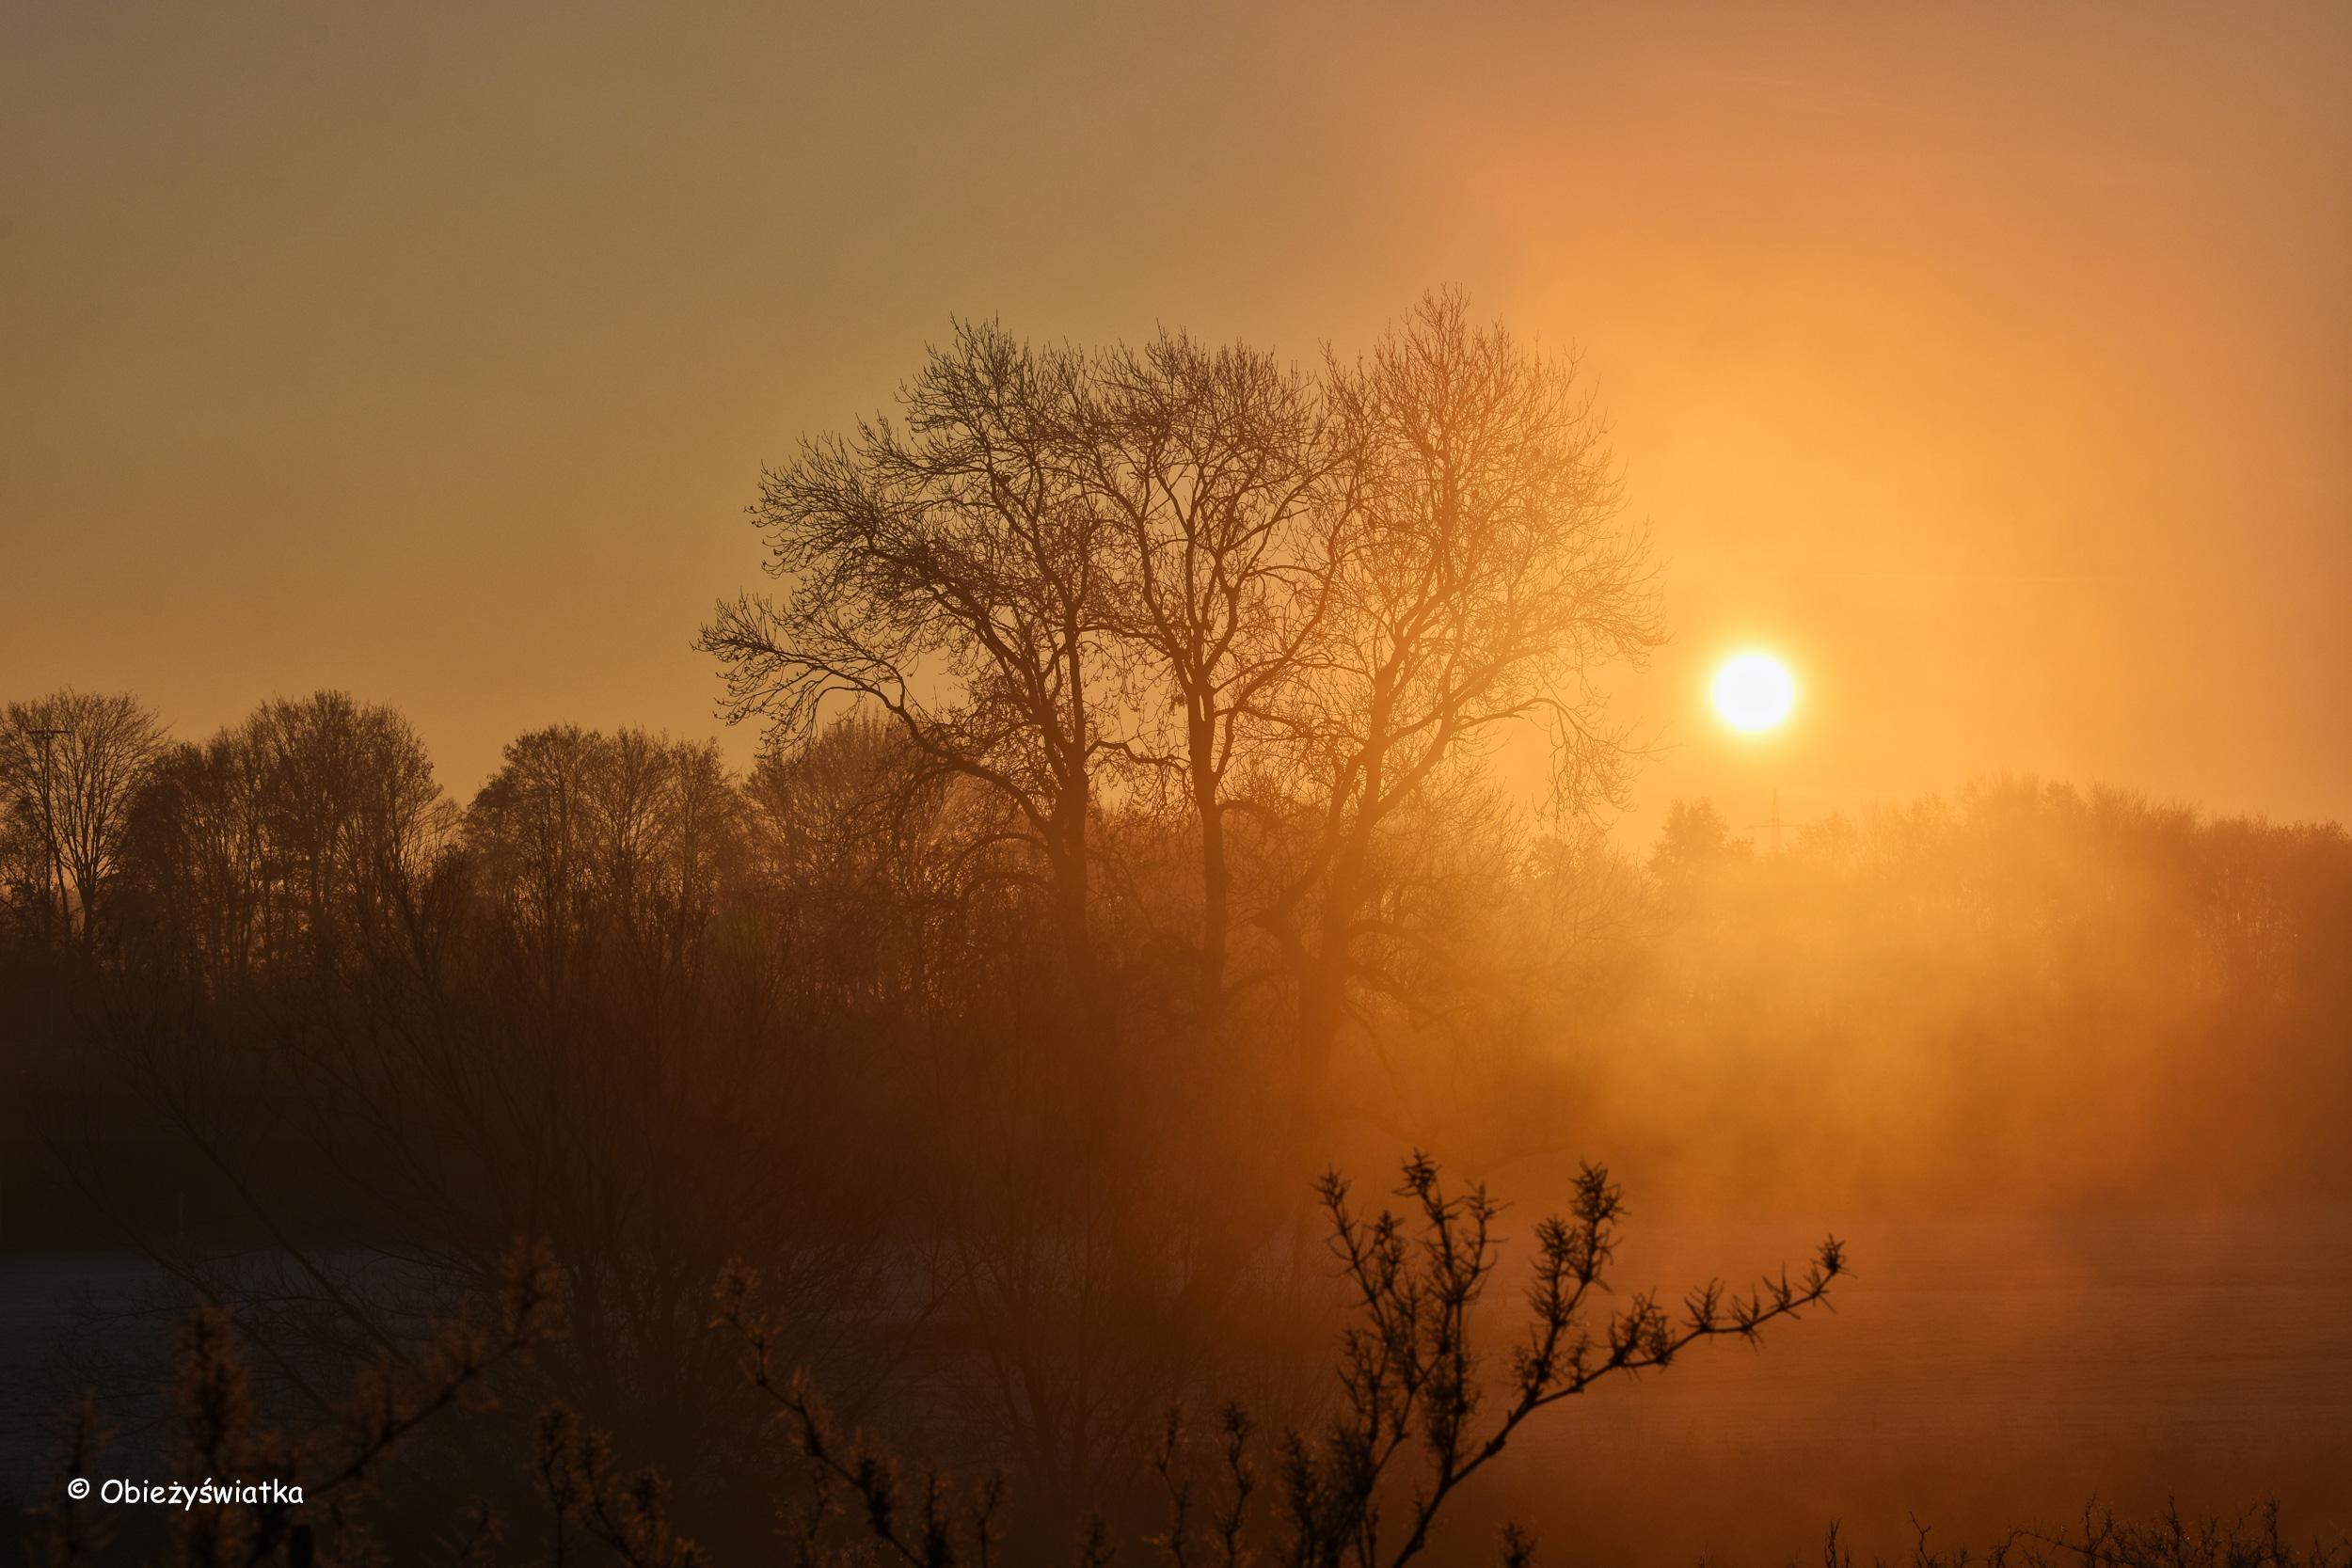 Spektakl natury - wschód słońca w listopadzie